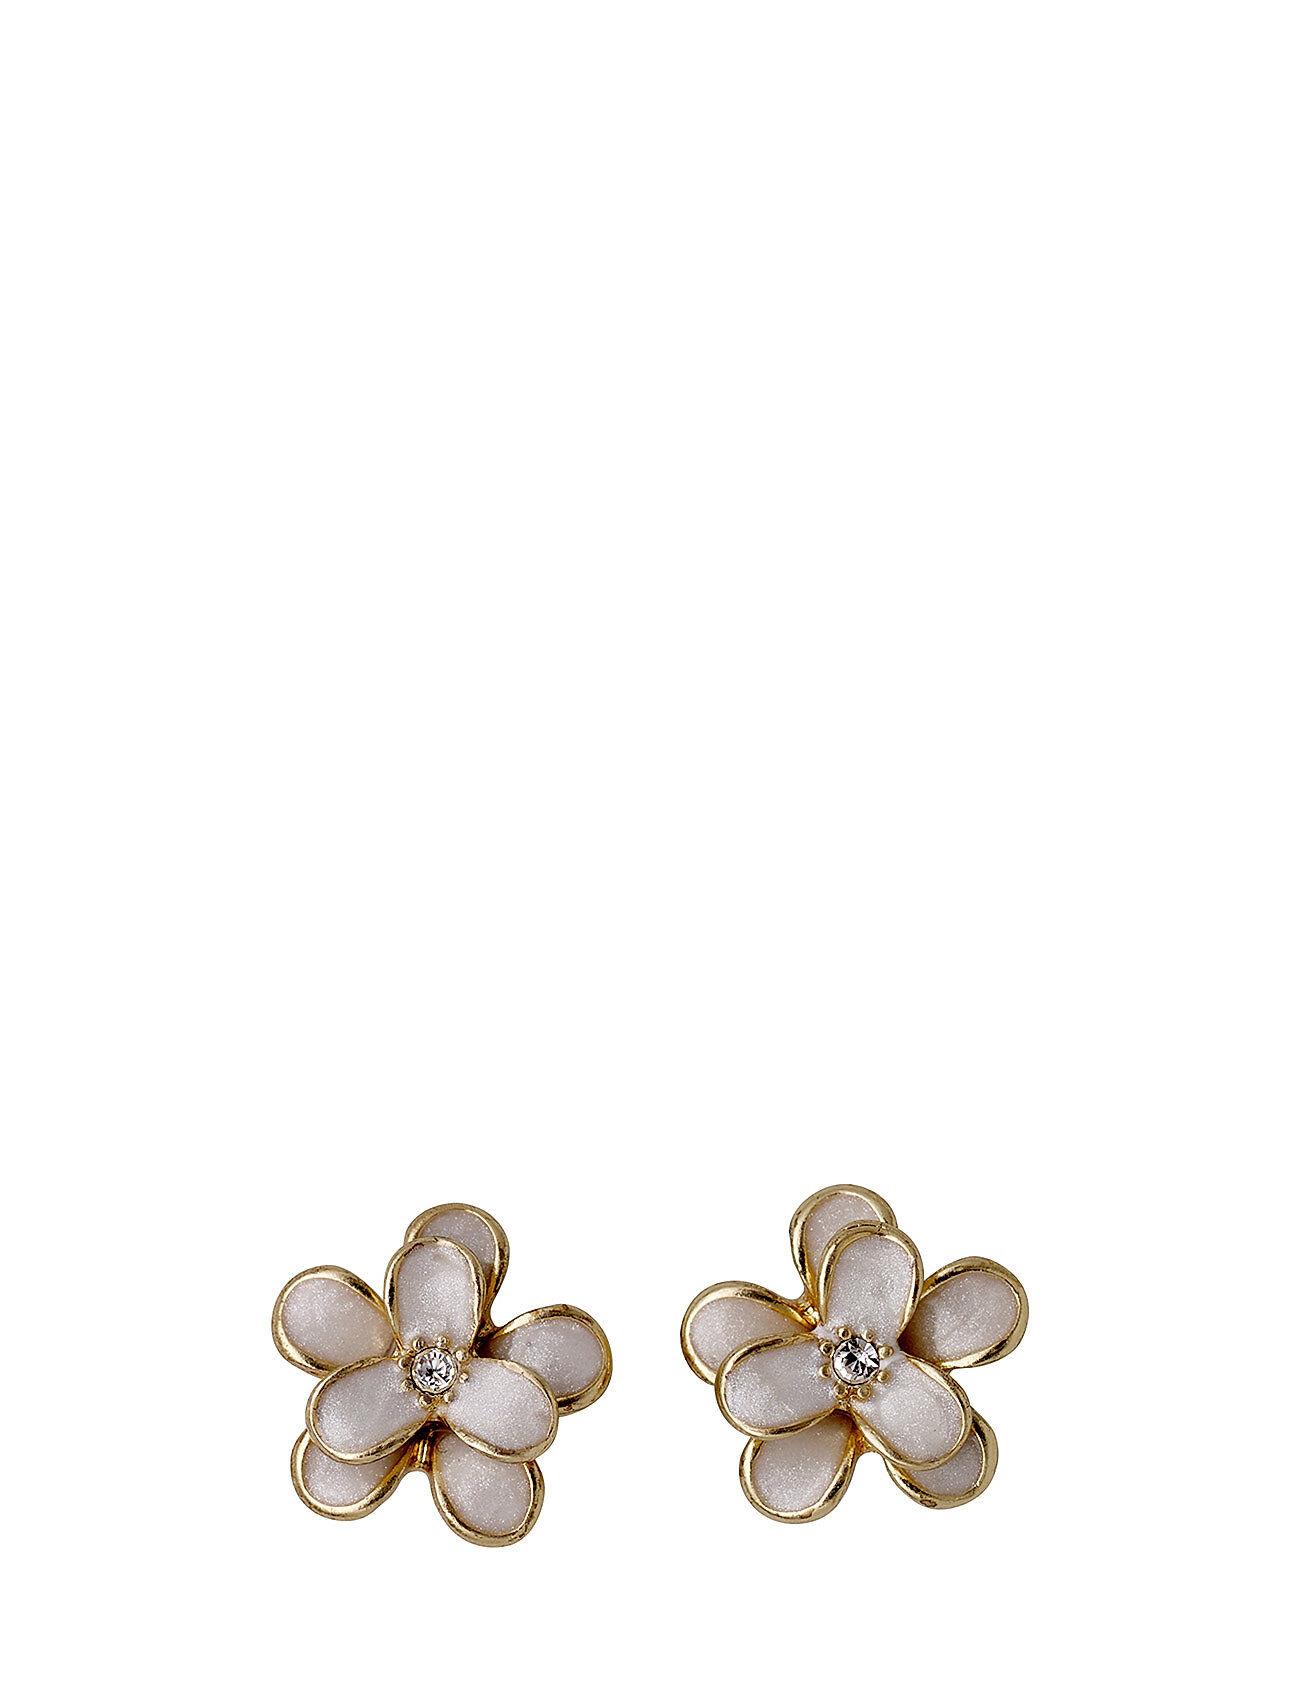 Pilgrim Earrings Accessories Jewellery Earrings Studs Kulta Pilgrim